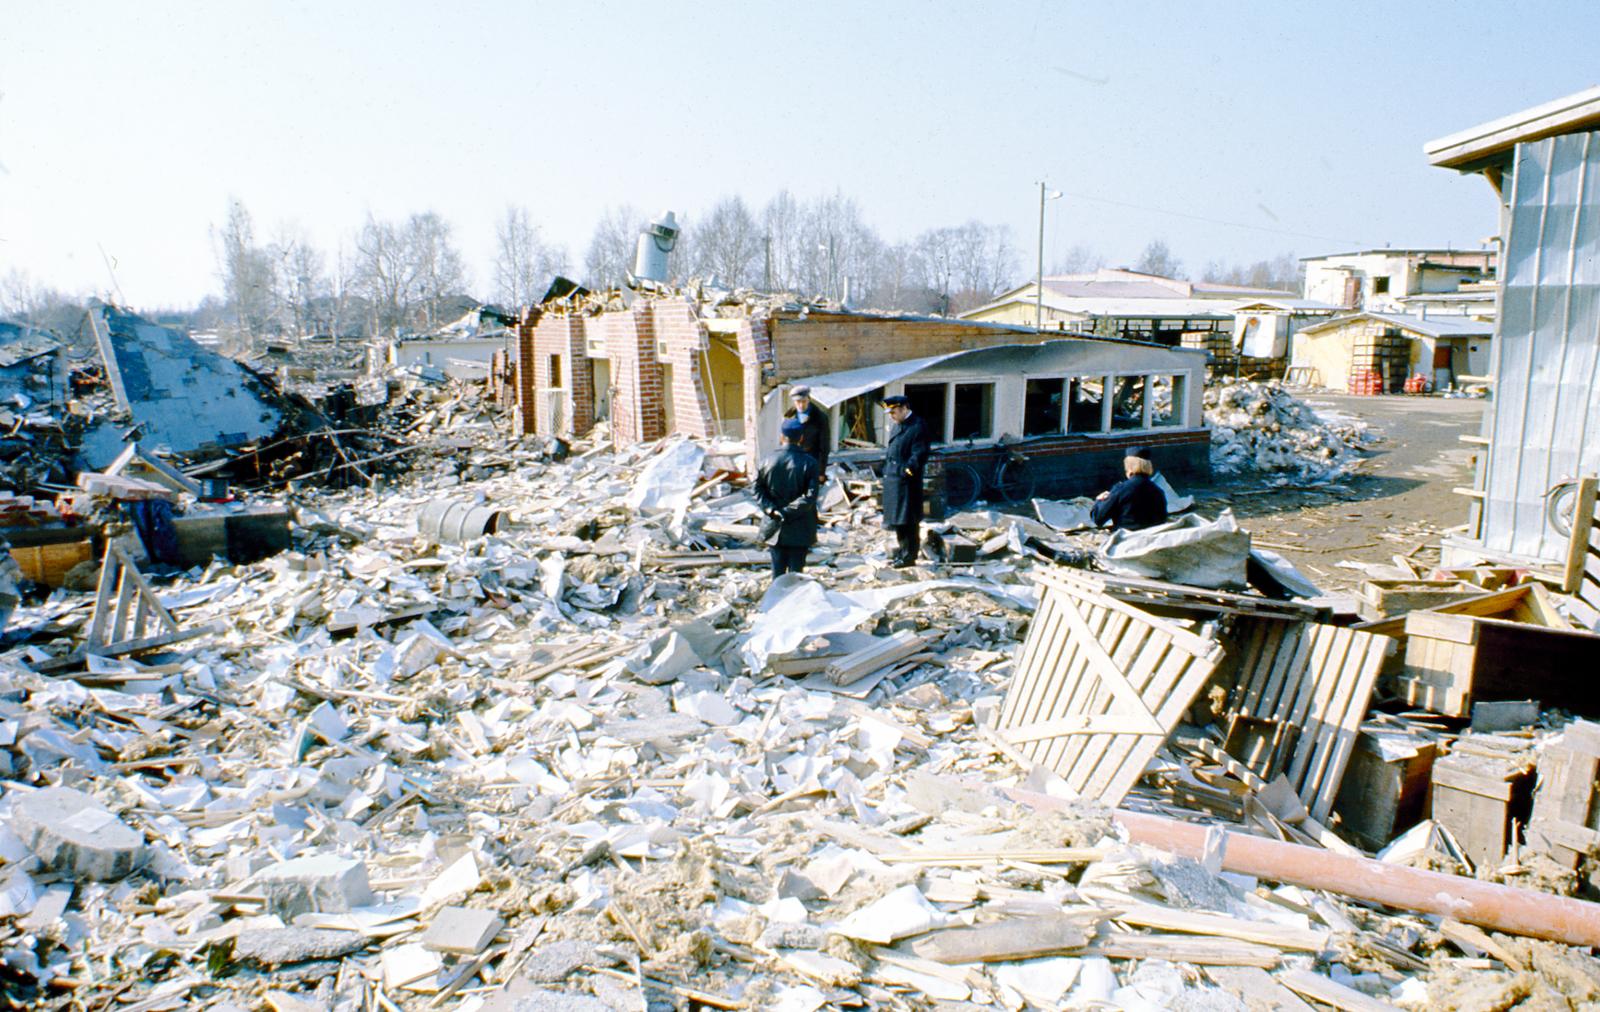 Koskaan aikaisemmin suomalaiset palontorjujat eivät olleet joutuneet yhtä kohtalokkaan onnettomuuden pelastustoimiin kuin Lapualla huhtikuun 13. päivän aamuna vuonna 1976. Patruunatehtaan lataamorakennuksessa sattunut räjähdys surmasi 40 ihmistä. Kuva: Juhani Katajamäki.